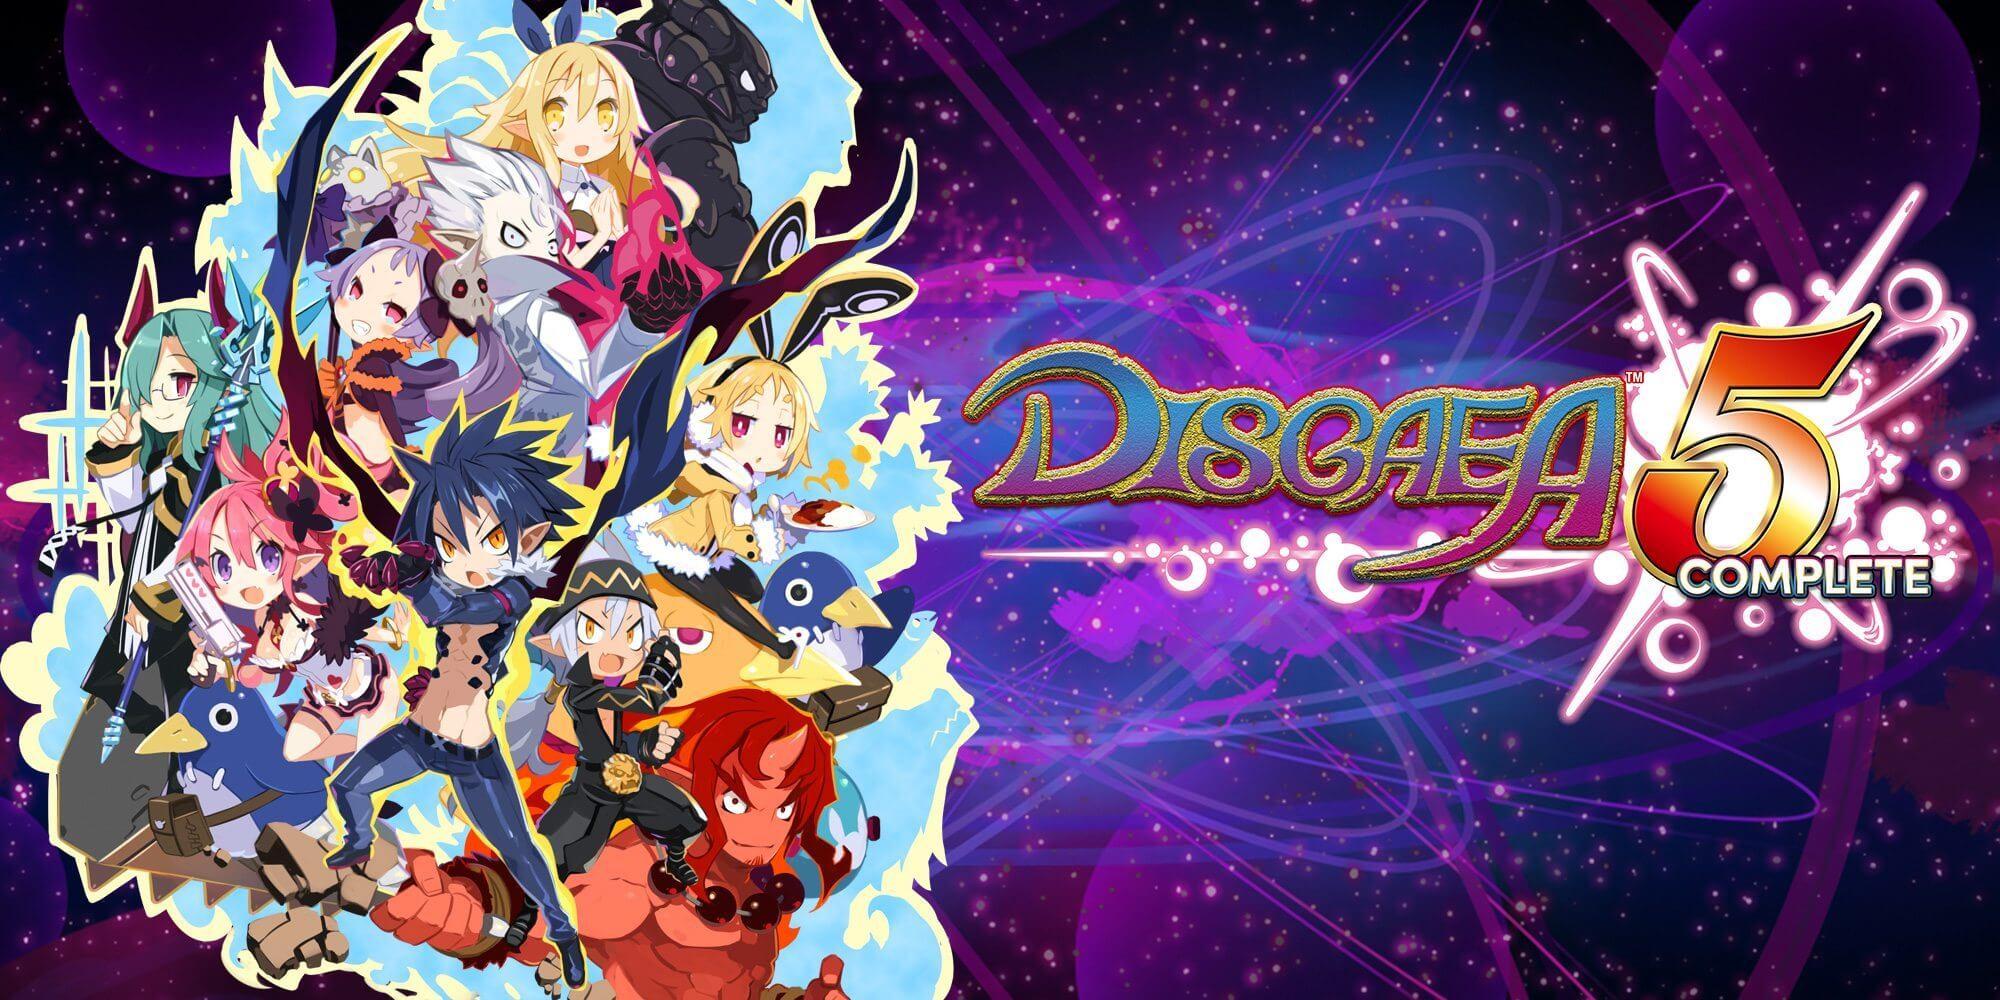 Disgaea 5 Complete é lançado para o Nintendo Switch